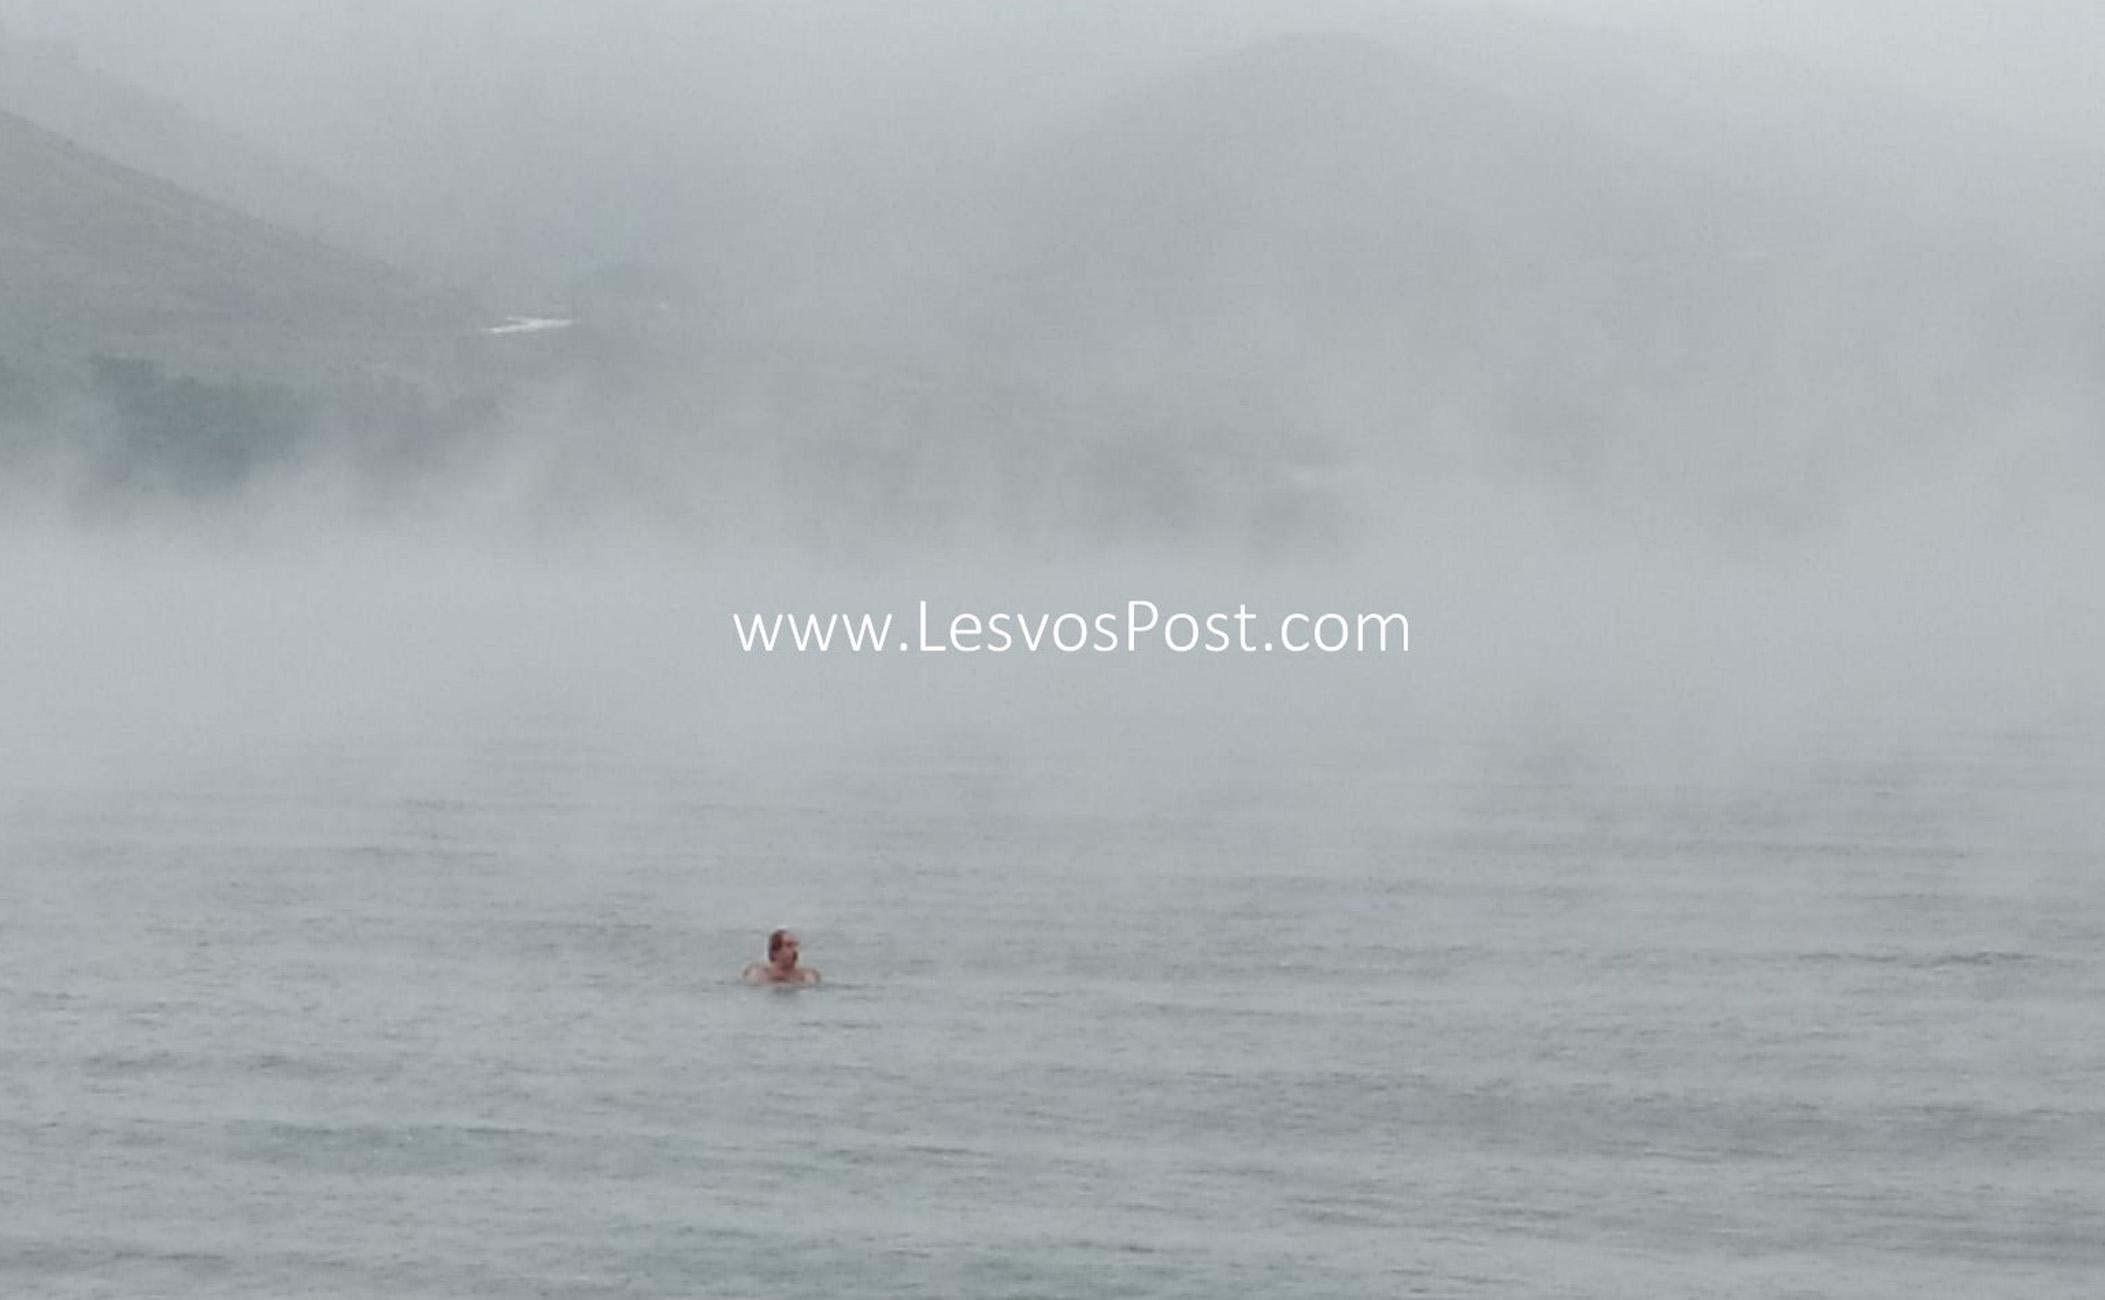 Λέσβος: Αψήφησαν τον «Λέανδρο» και έκαναν μπάνιο σε μια θάλασσα που έβραζε (video)